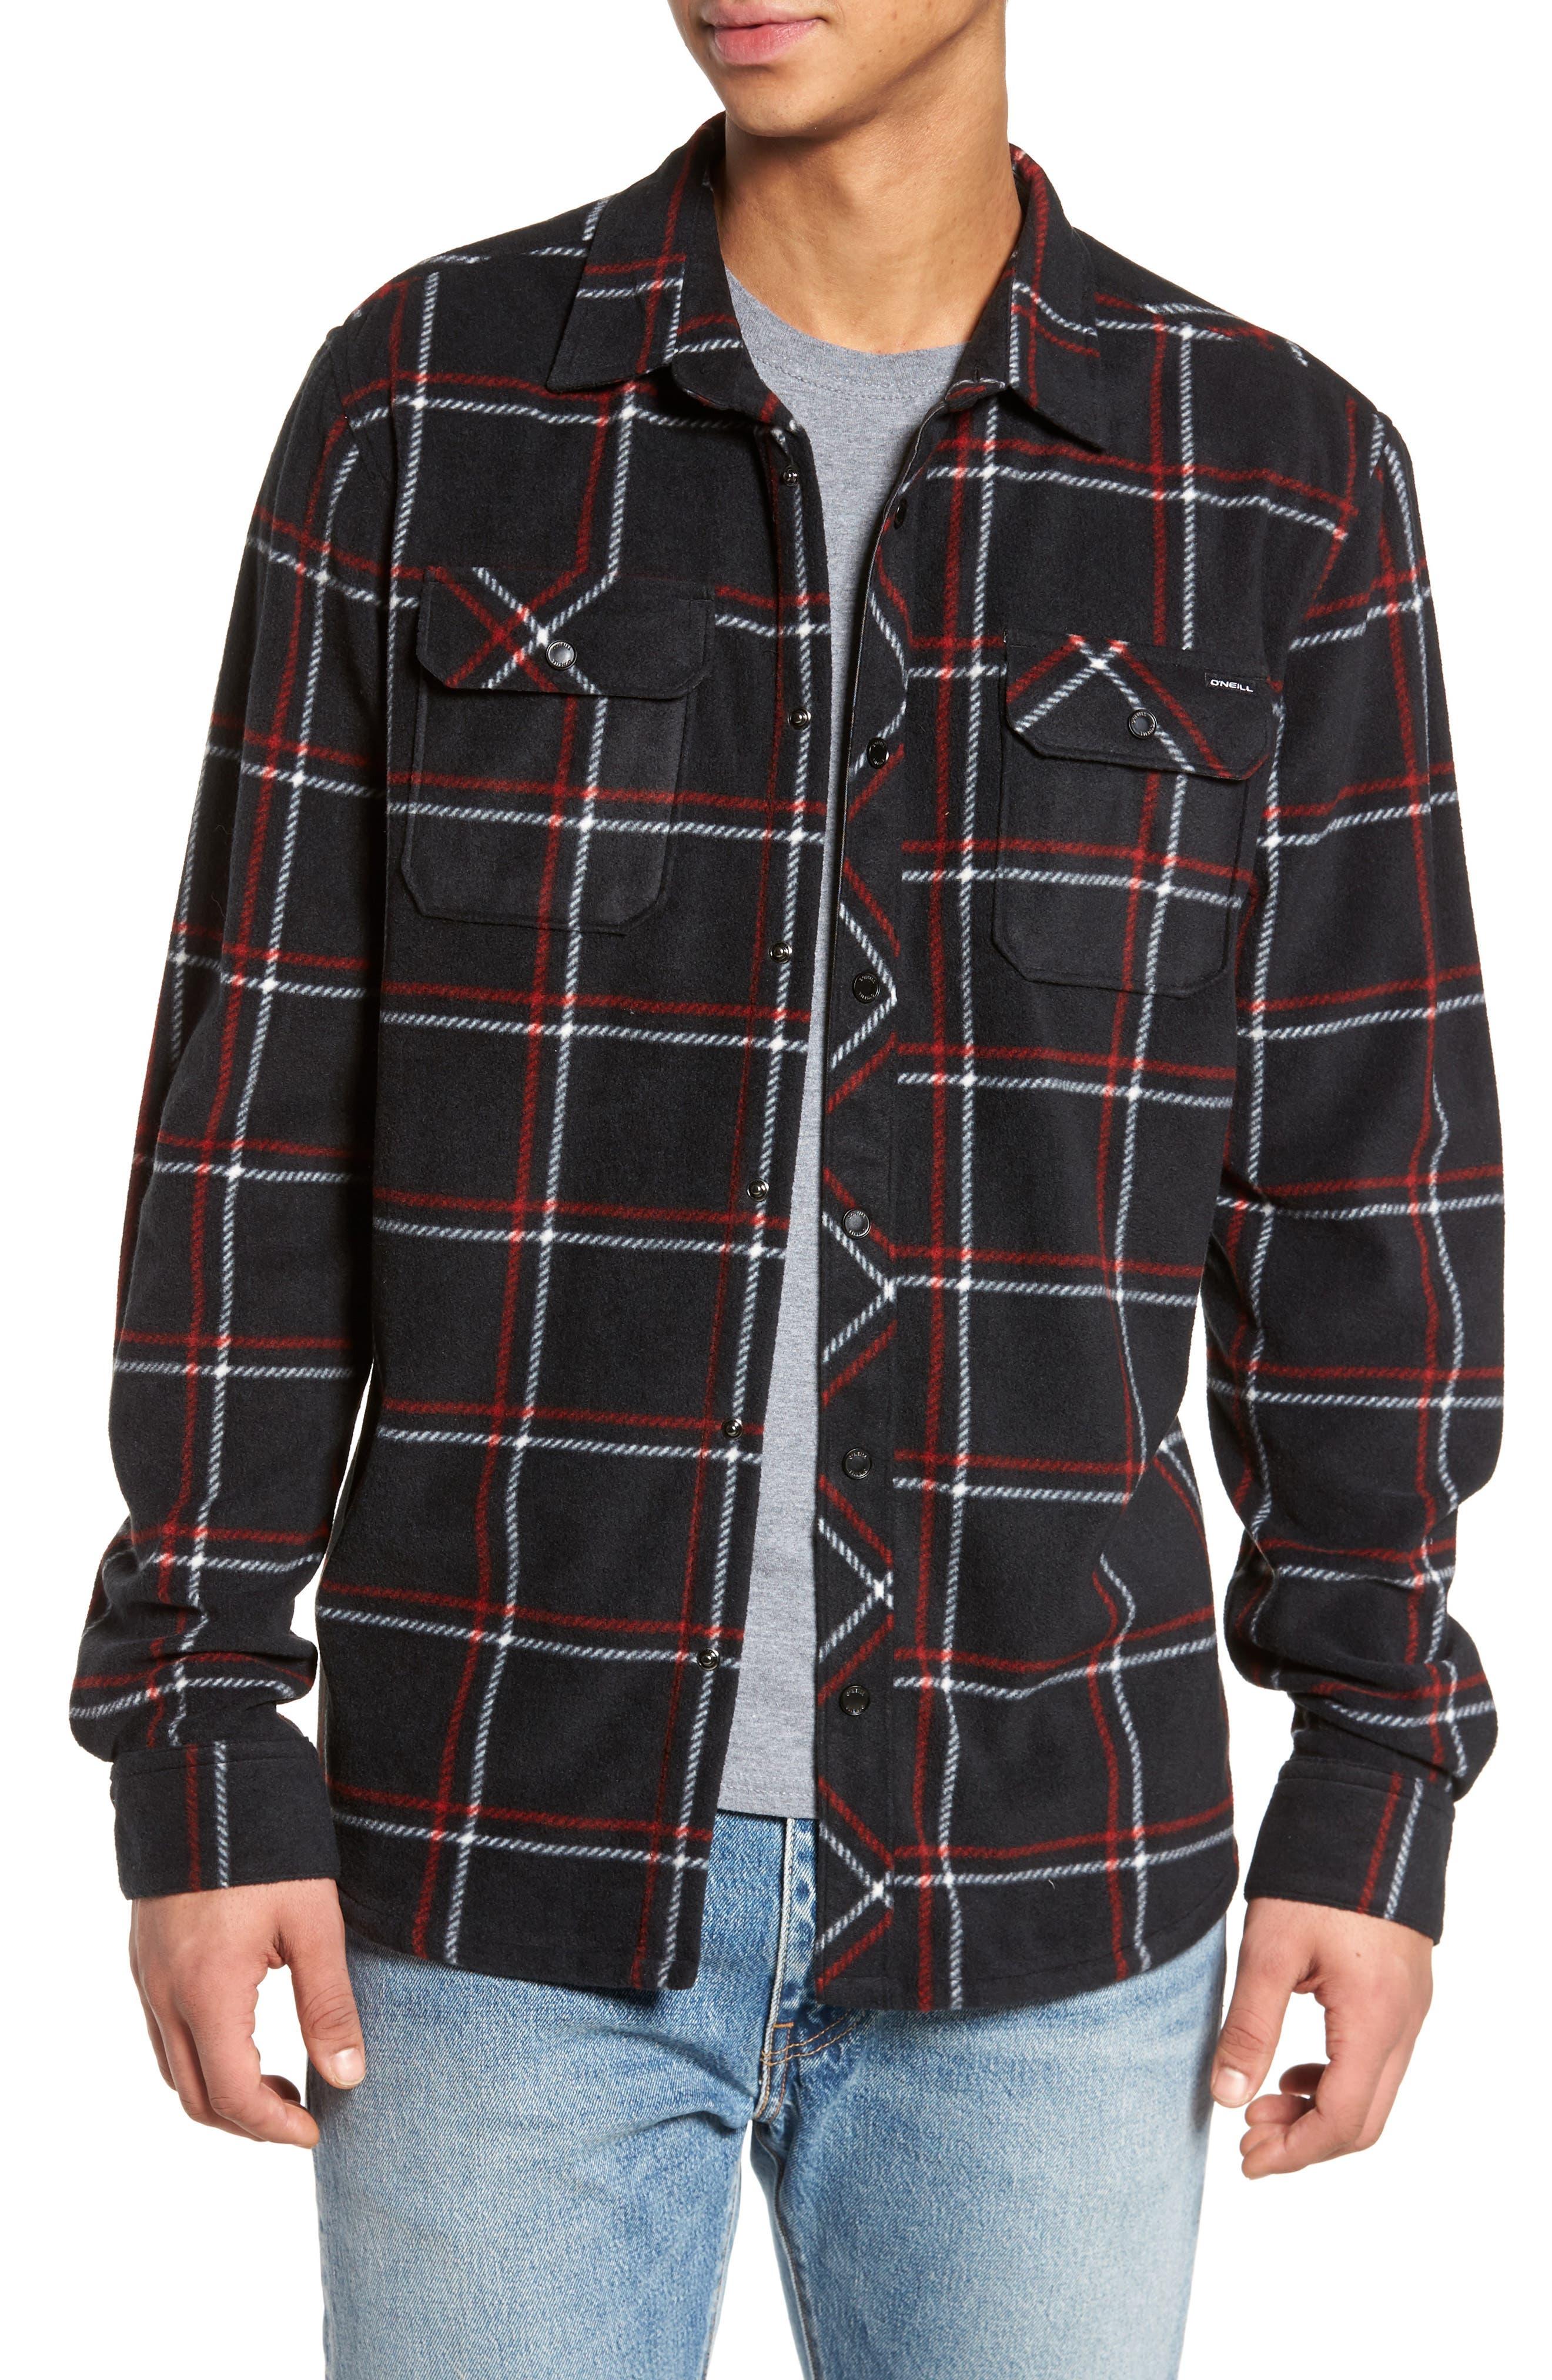 Glacier Series Fleece Shirt,                         Main,                         color, 001